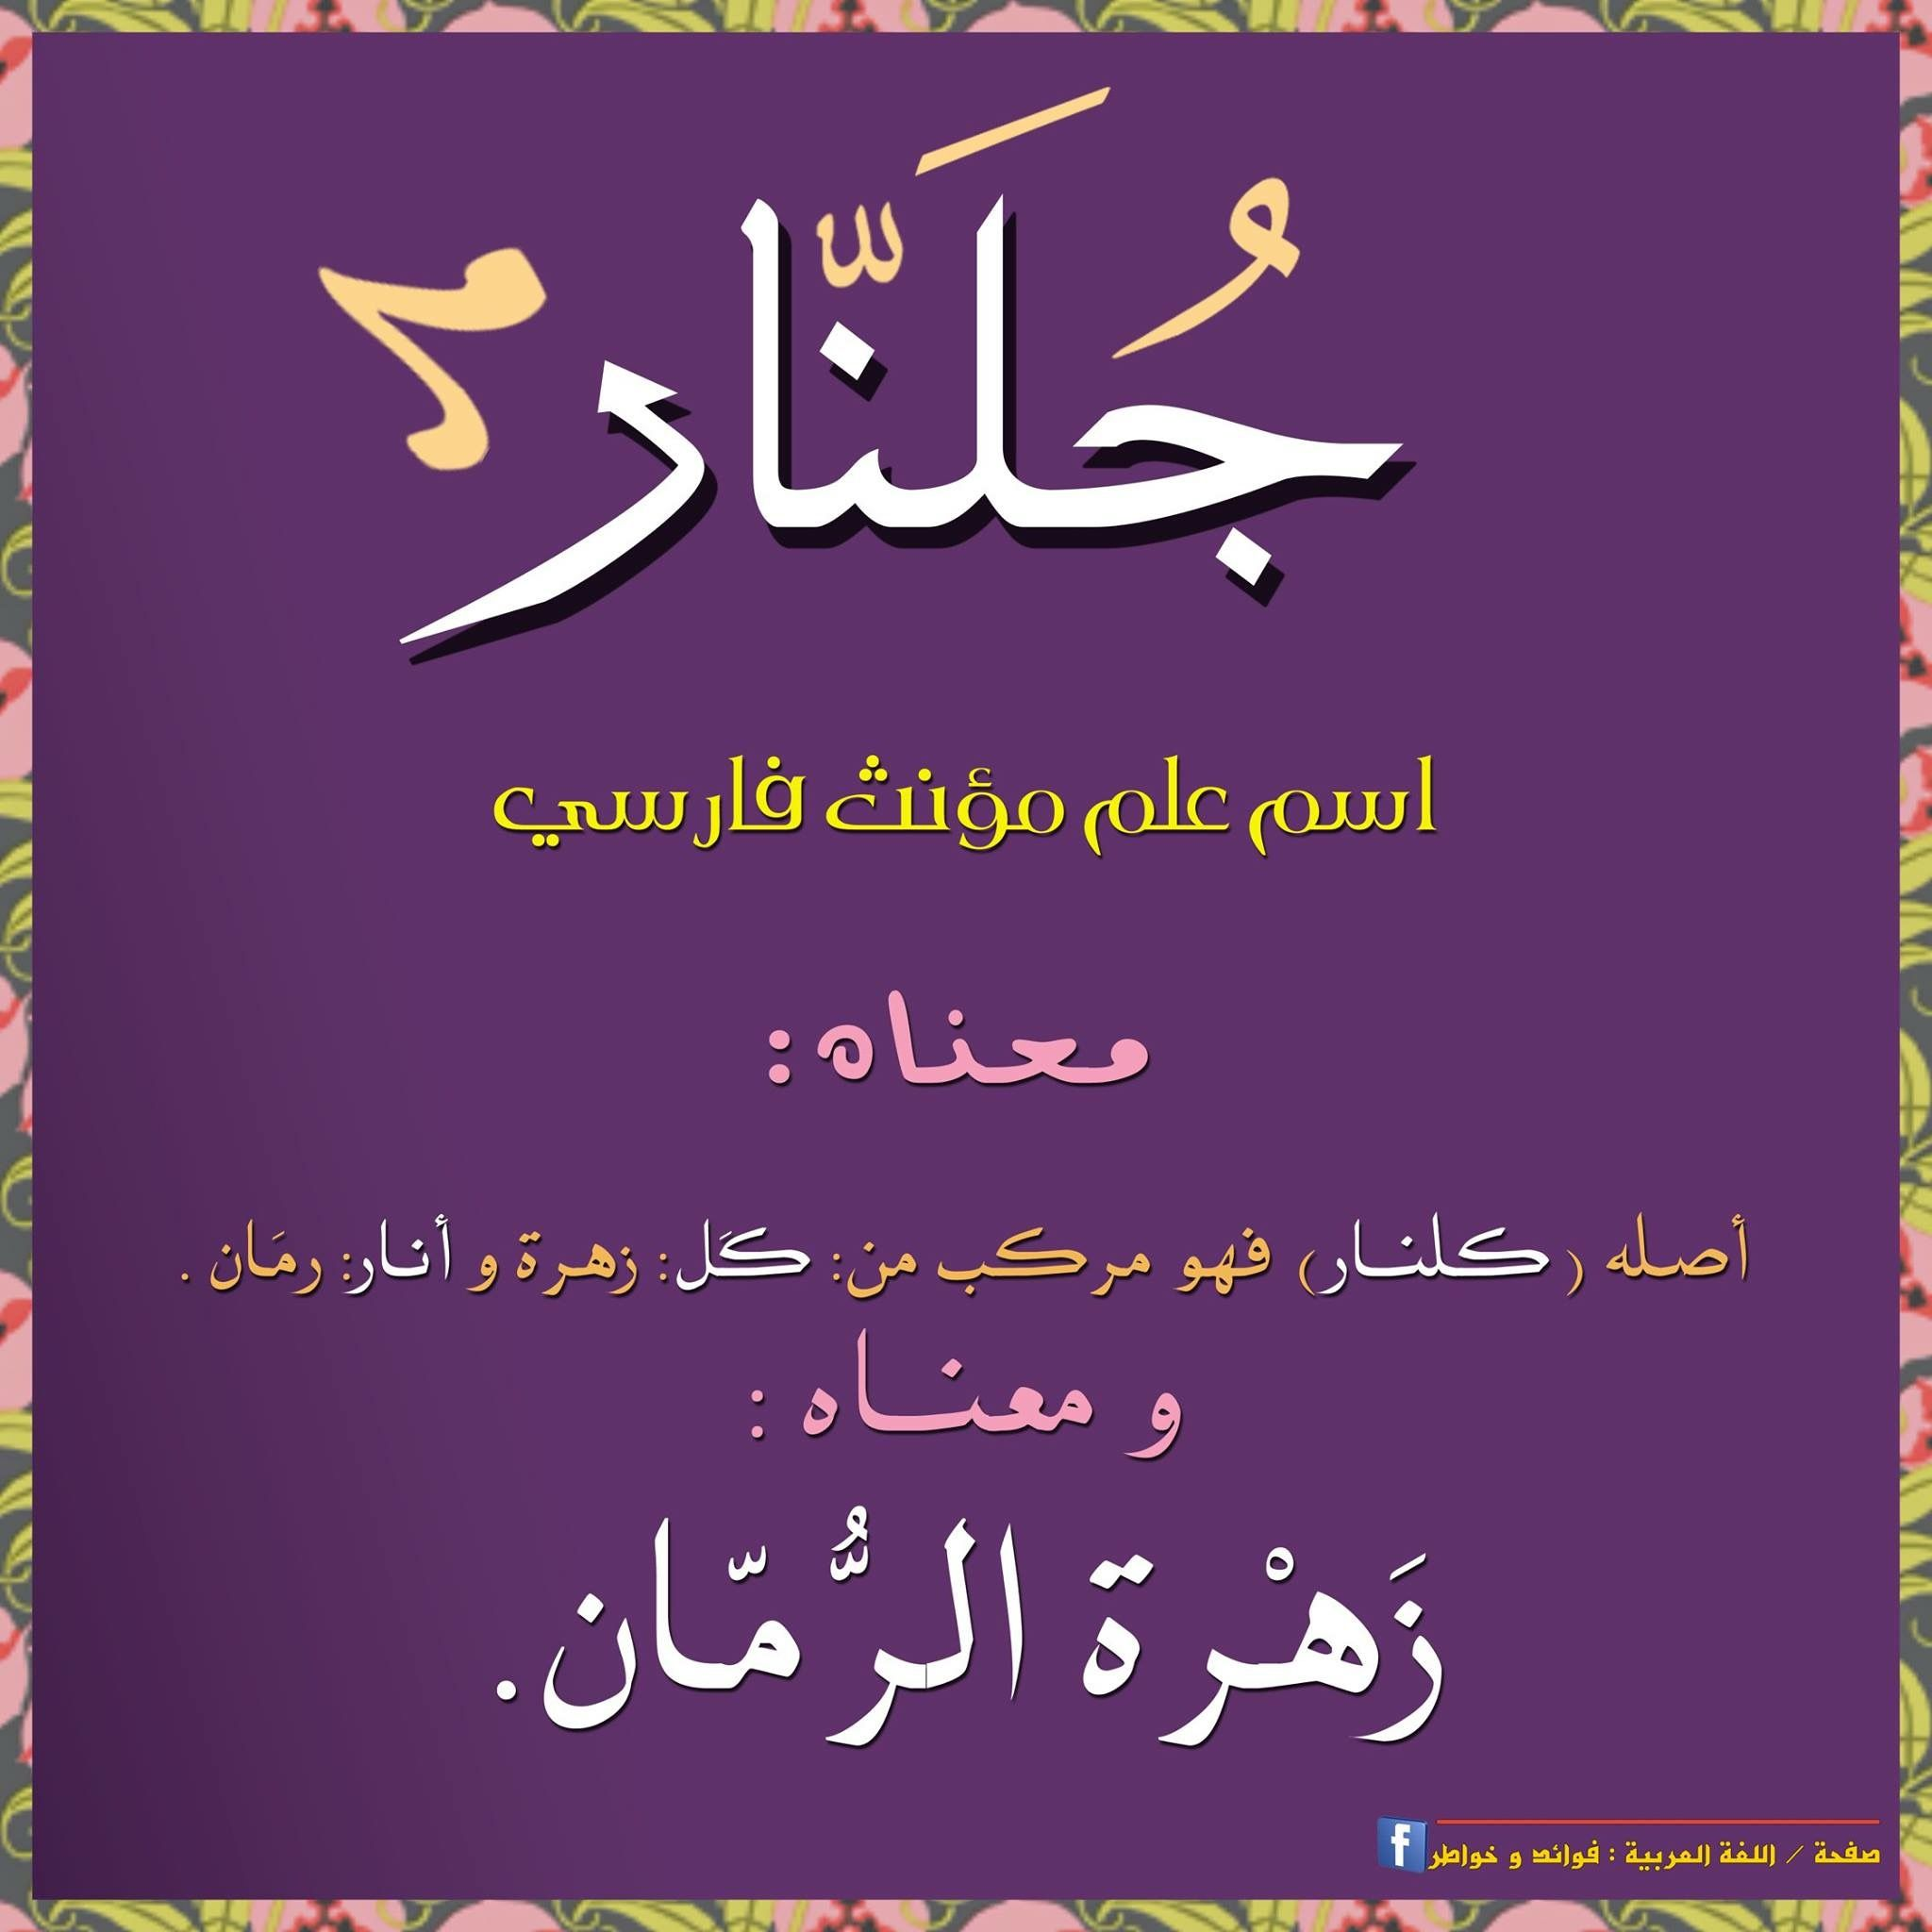 Pin By Khaled Bahnasawy On منوعة عربية Words Learn Arabic Language Learning Arabic